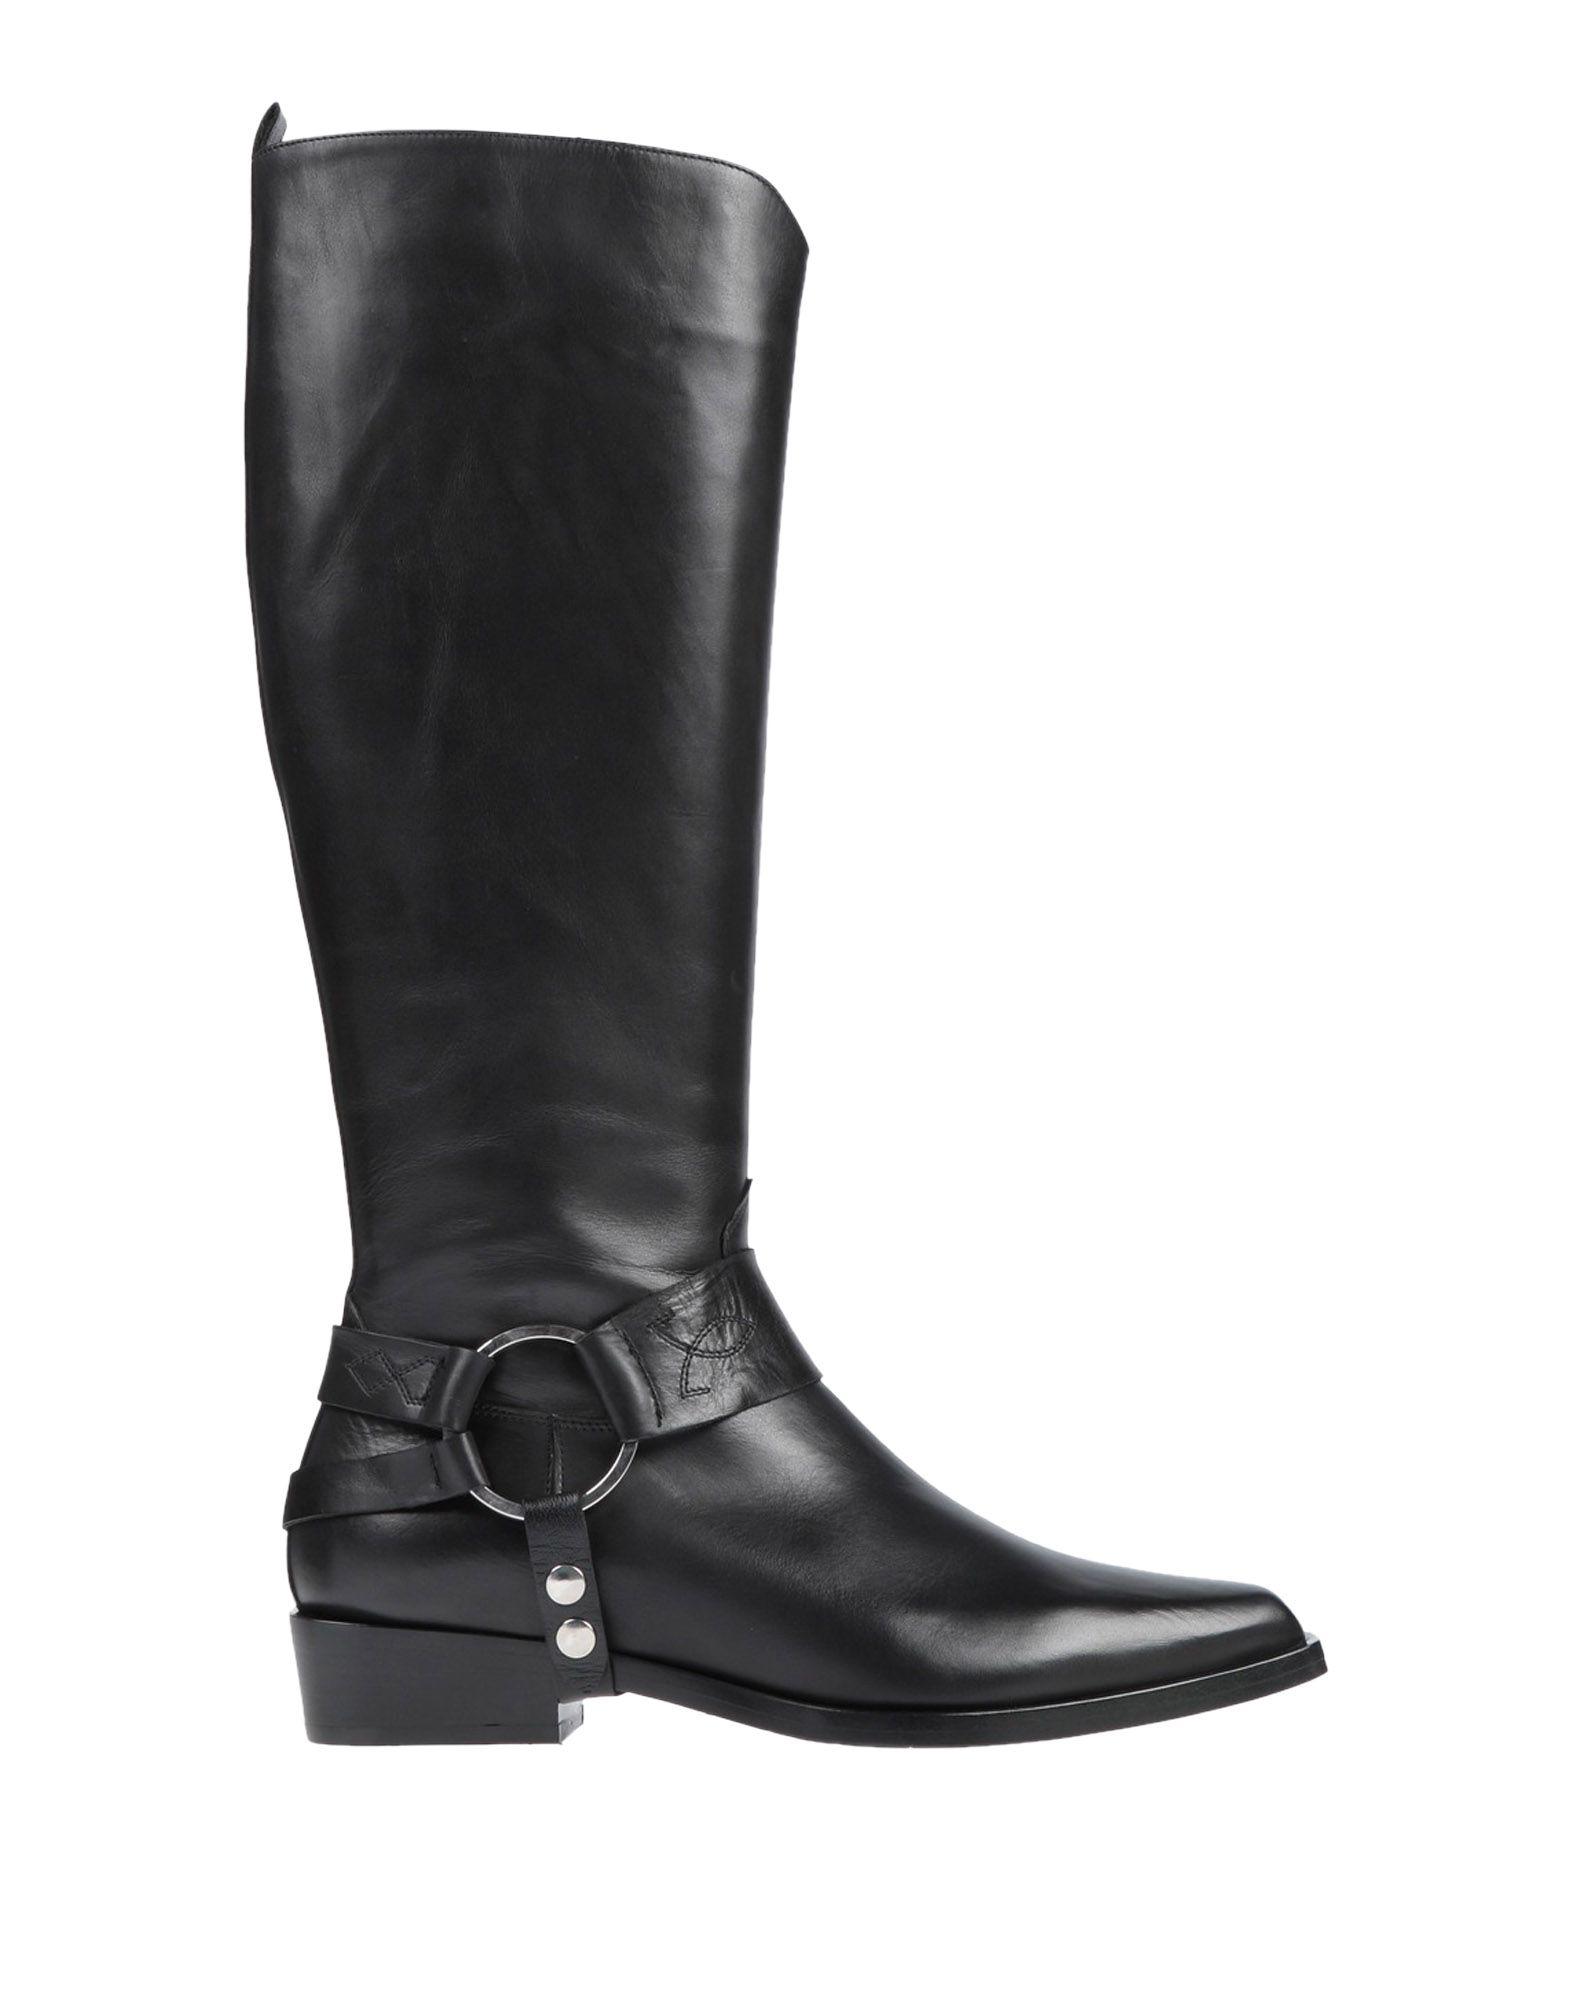 Stilvolle billige Stiefel Schuhe Eglantine Stiefel billige Damen  11519647PJ dce057